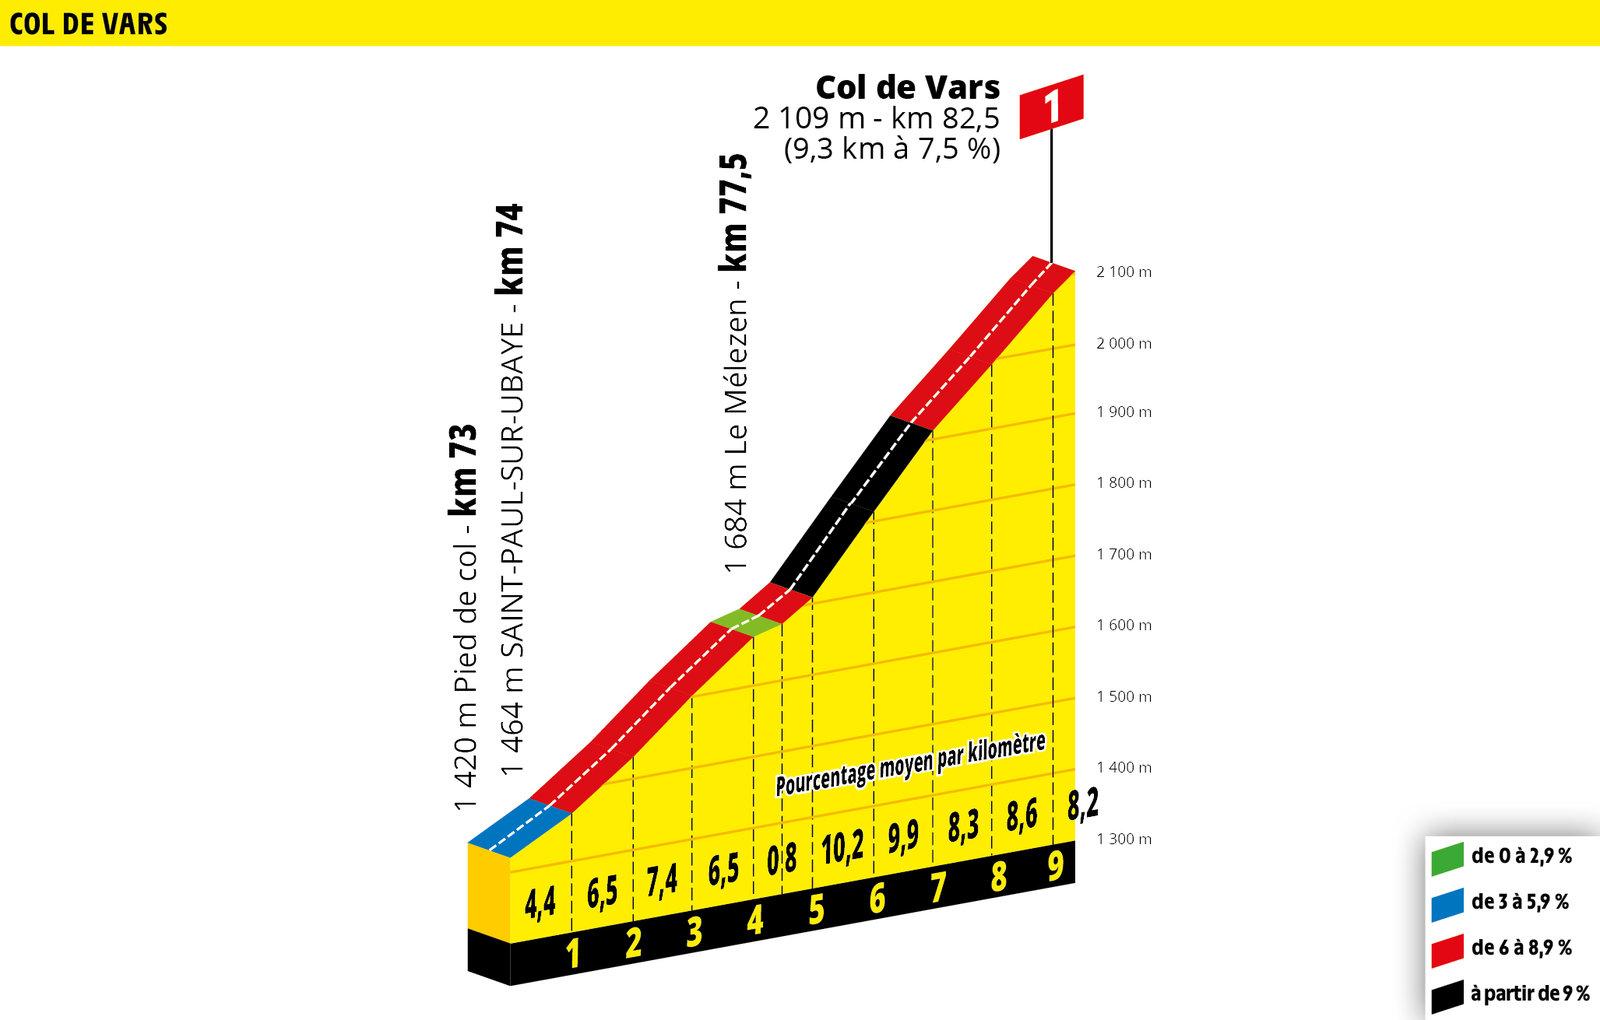 Tour de France 2019 - Page 21 19061902133592598